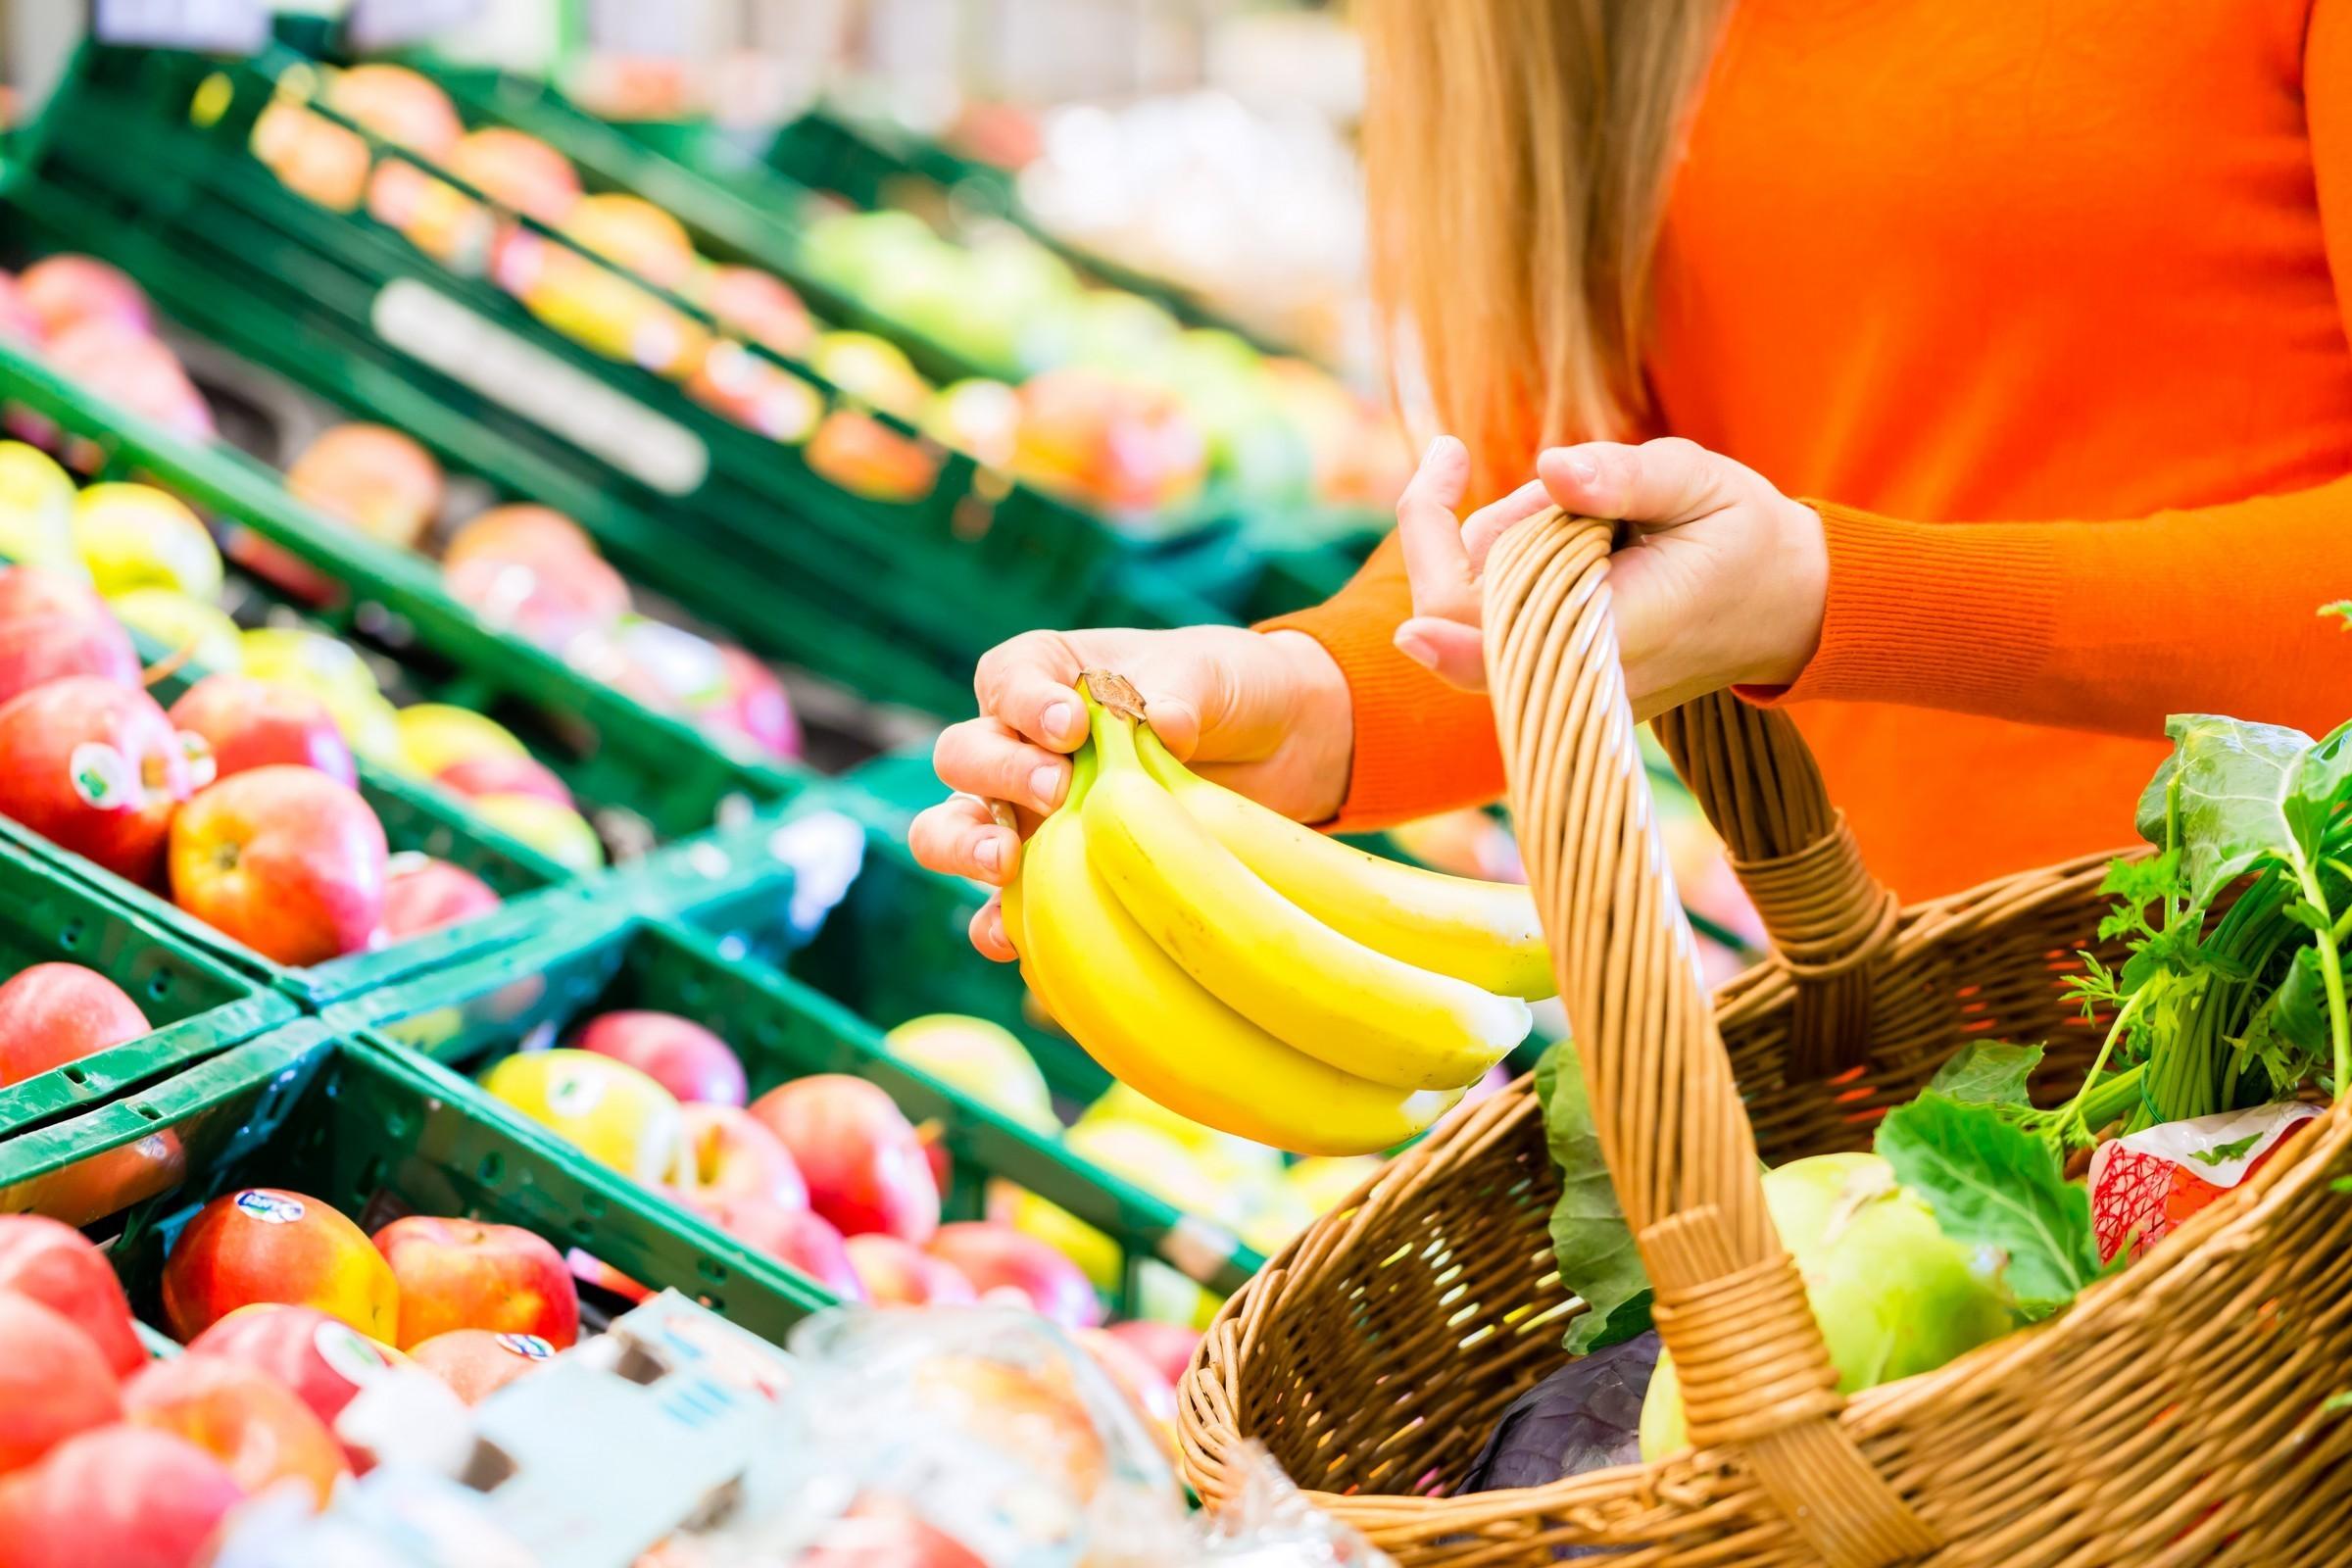 Nederlandse supermarkt in barcelona